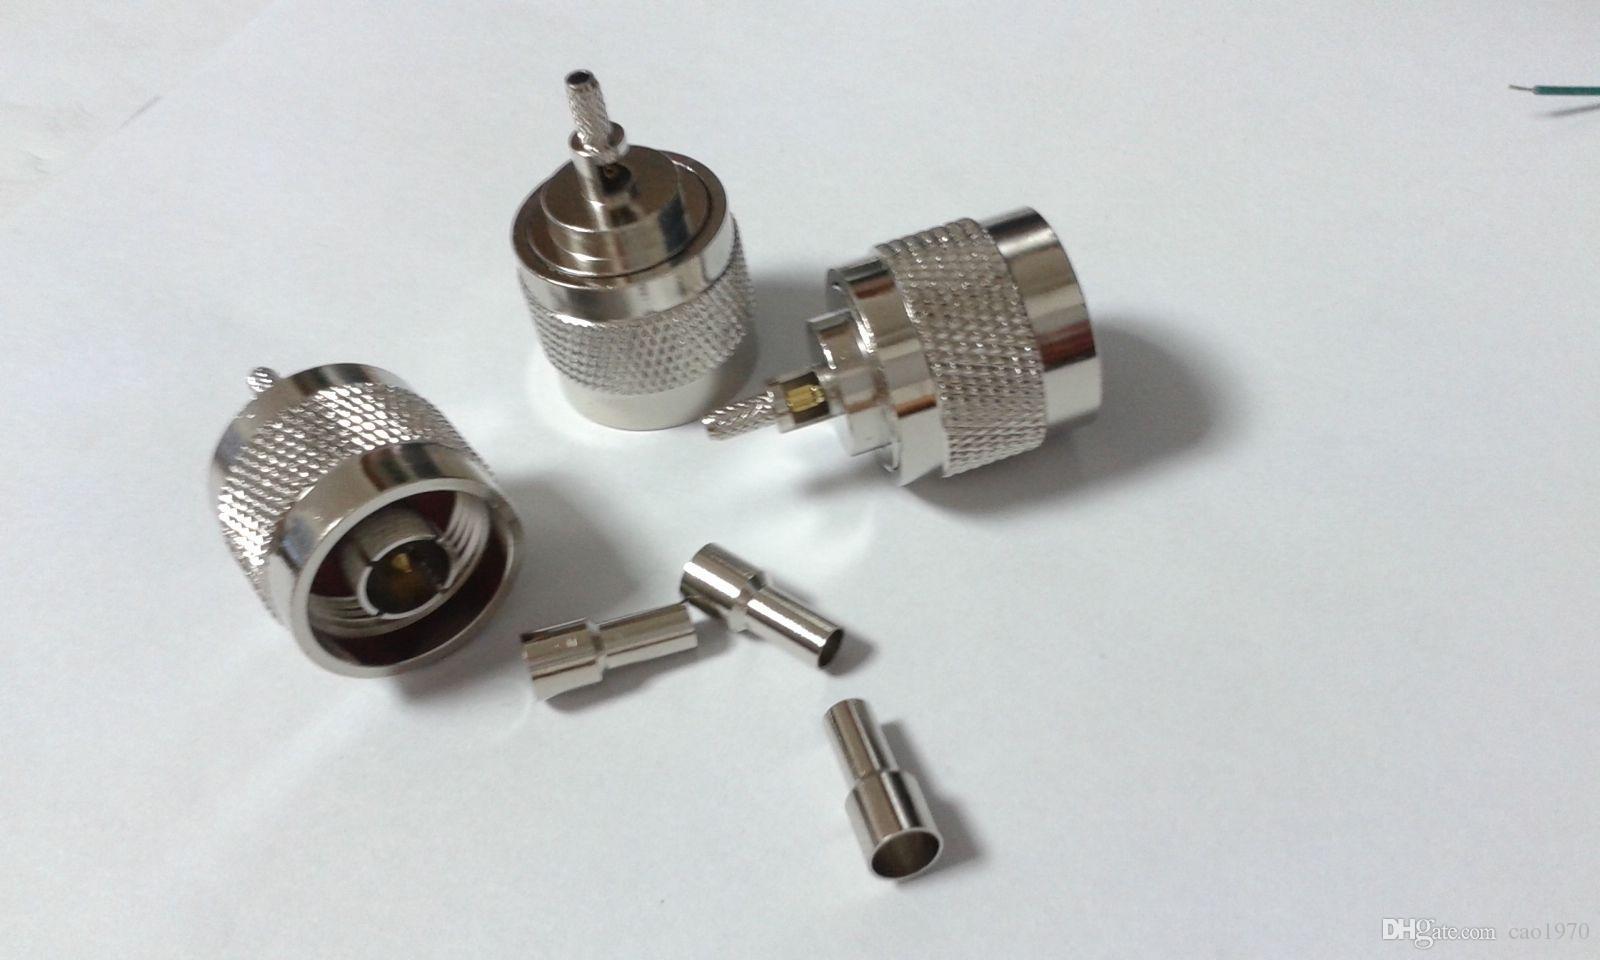 N Plug Mâle Connecteur Adaptateur Connecteur pour RG316 RG174 Câble coaxial